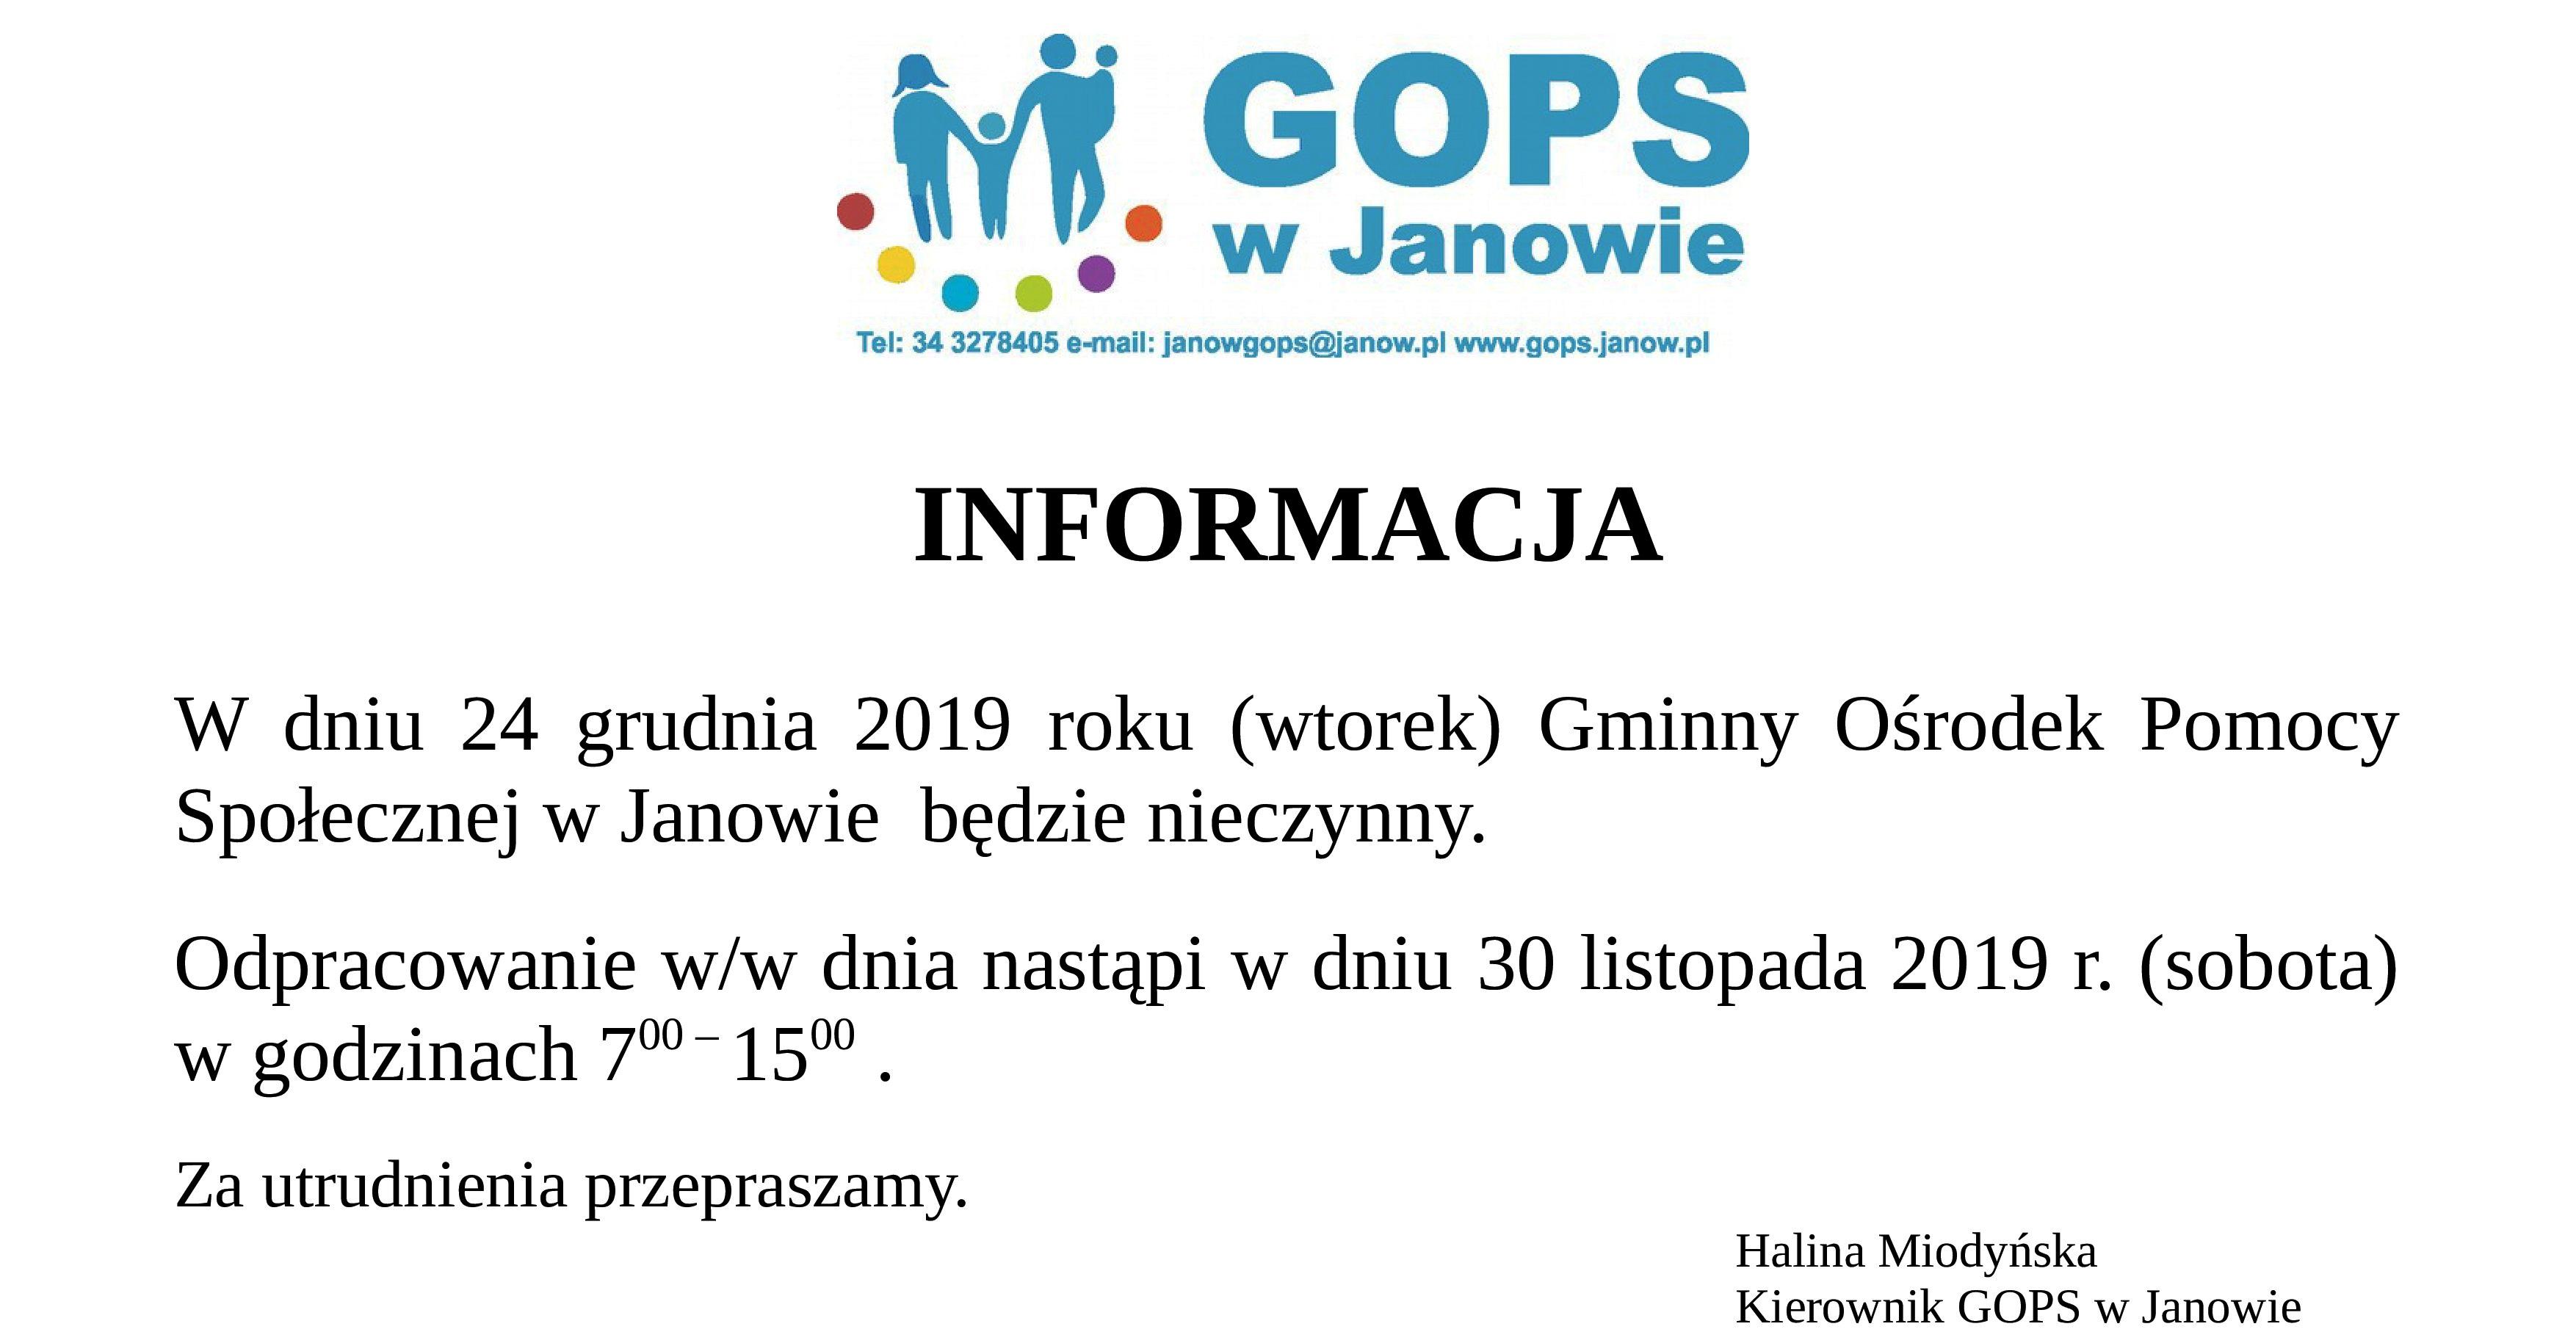 GOPS-info.jpg